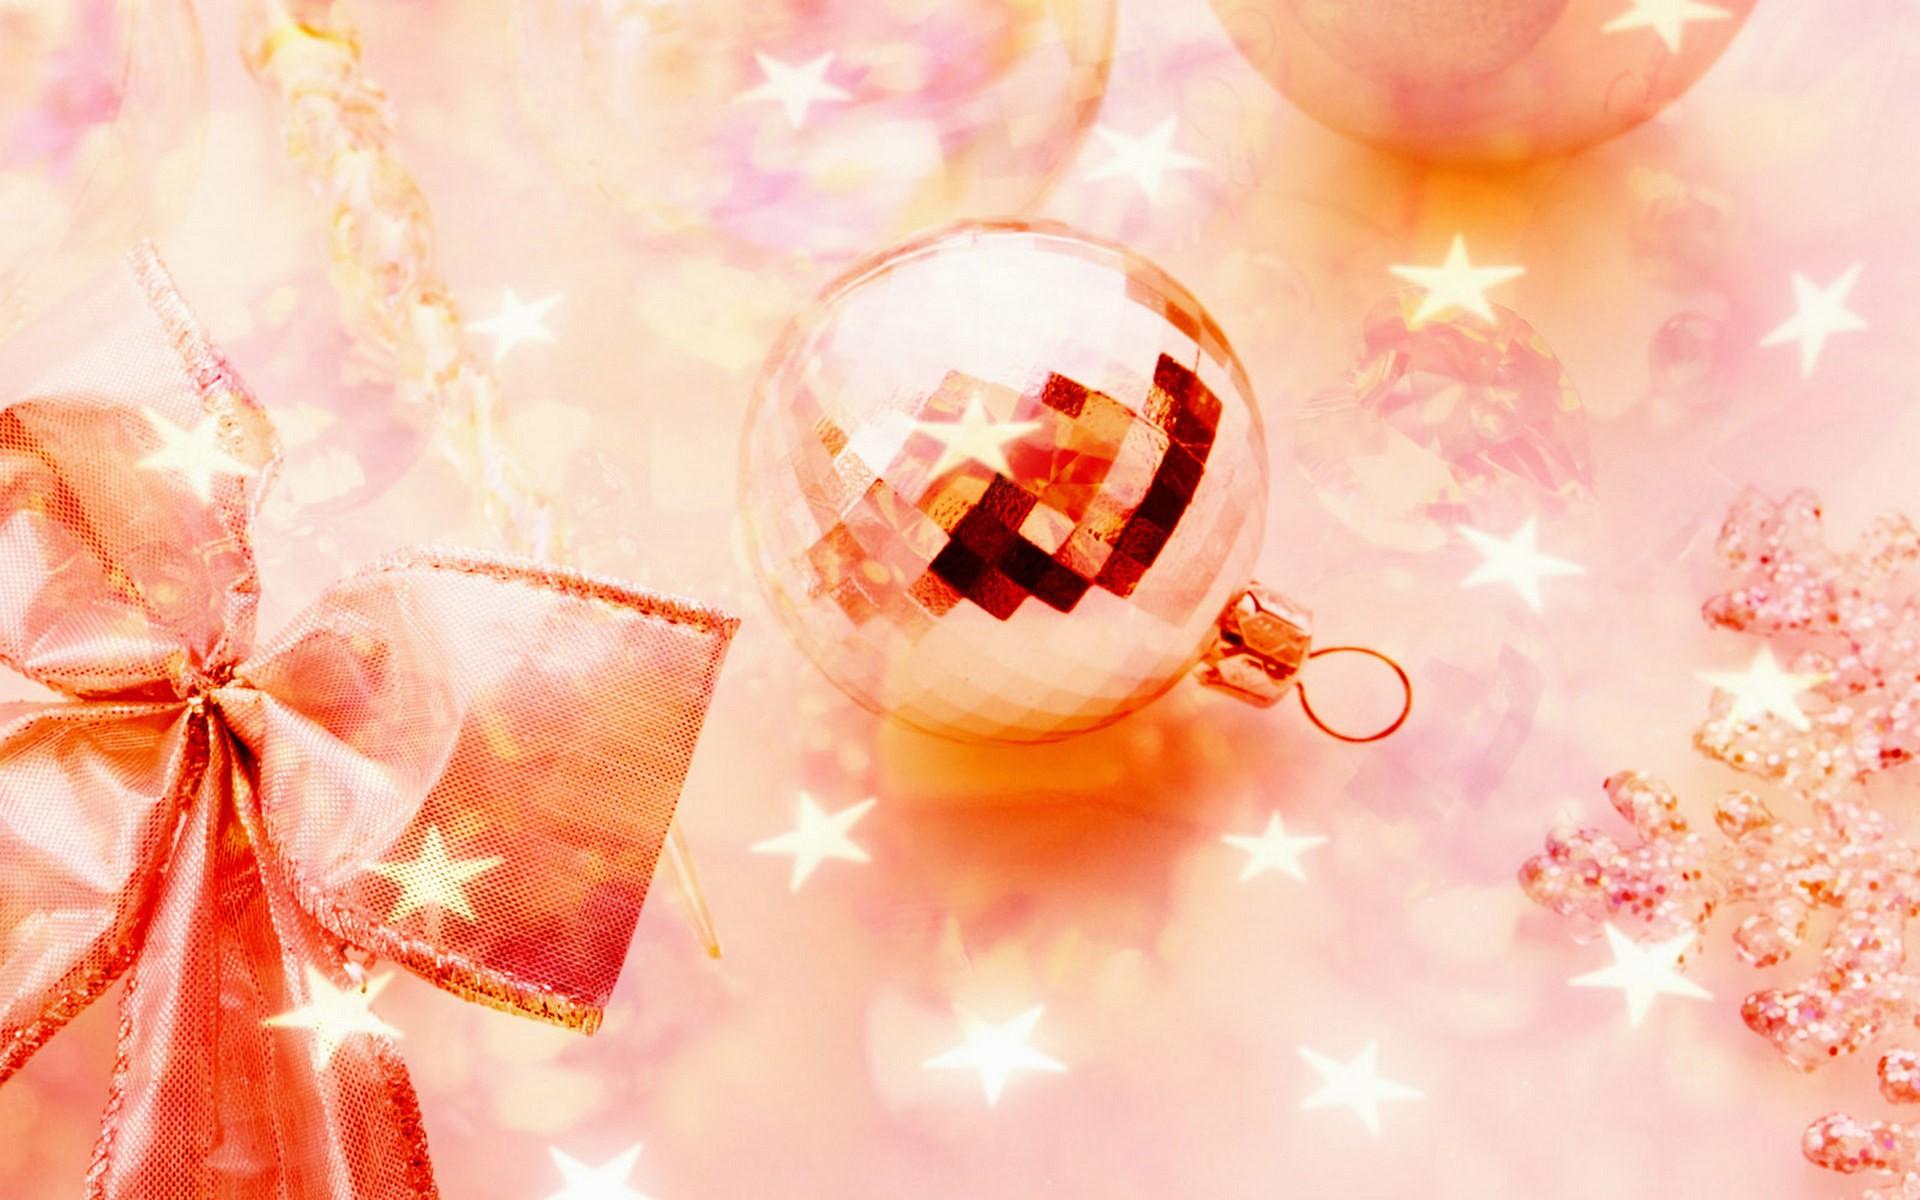 Adornos para navidad - 1920x1200